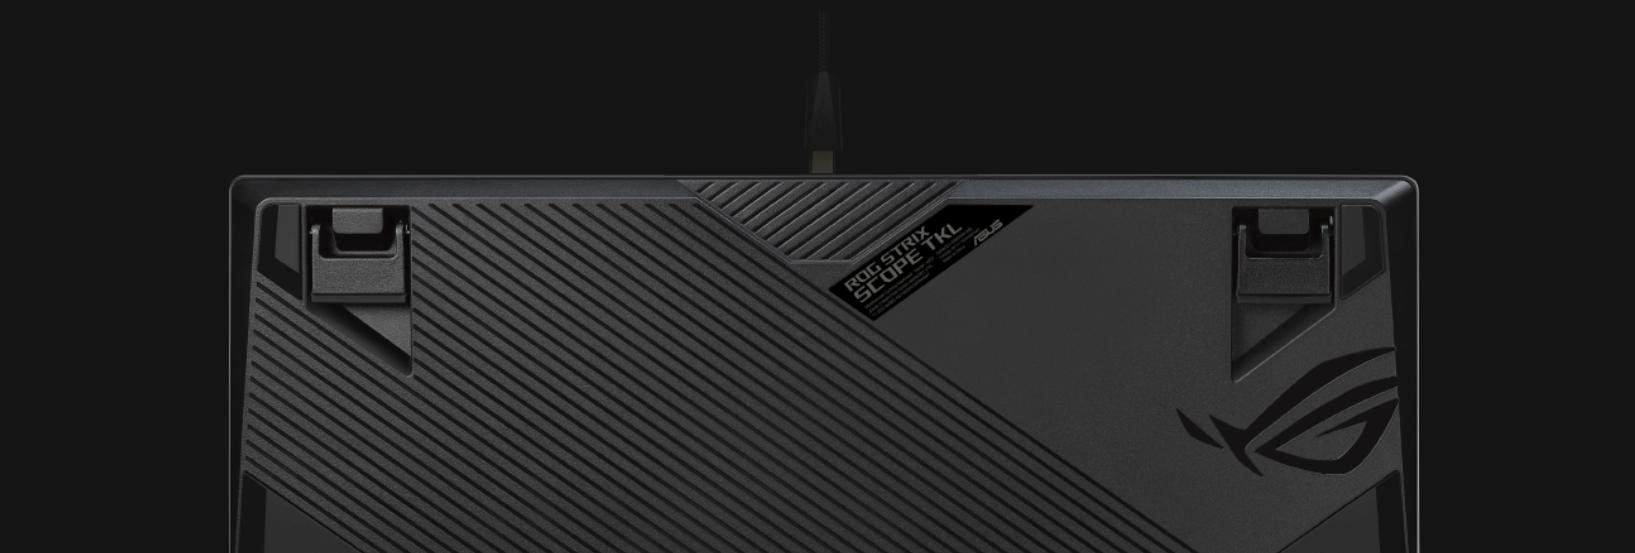 Bàn phím Asus ROG Strix Scope TKL (USB/RGB/Red sw) có thiết kế gọn nhẹ và dây cáp tháo rời